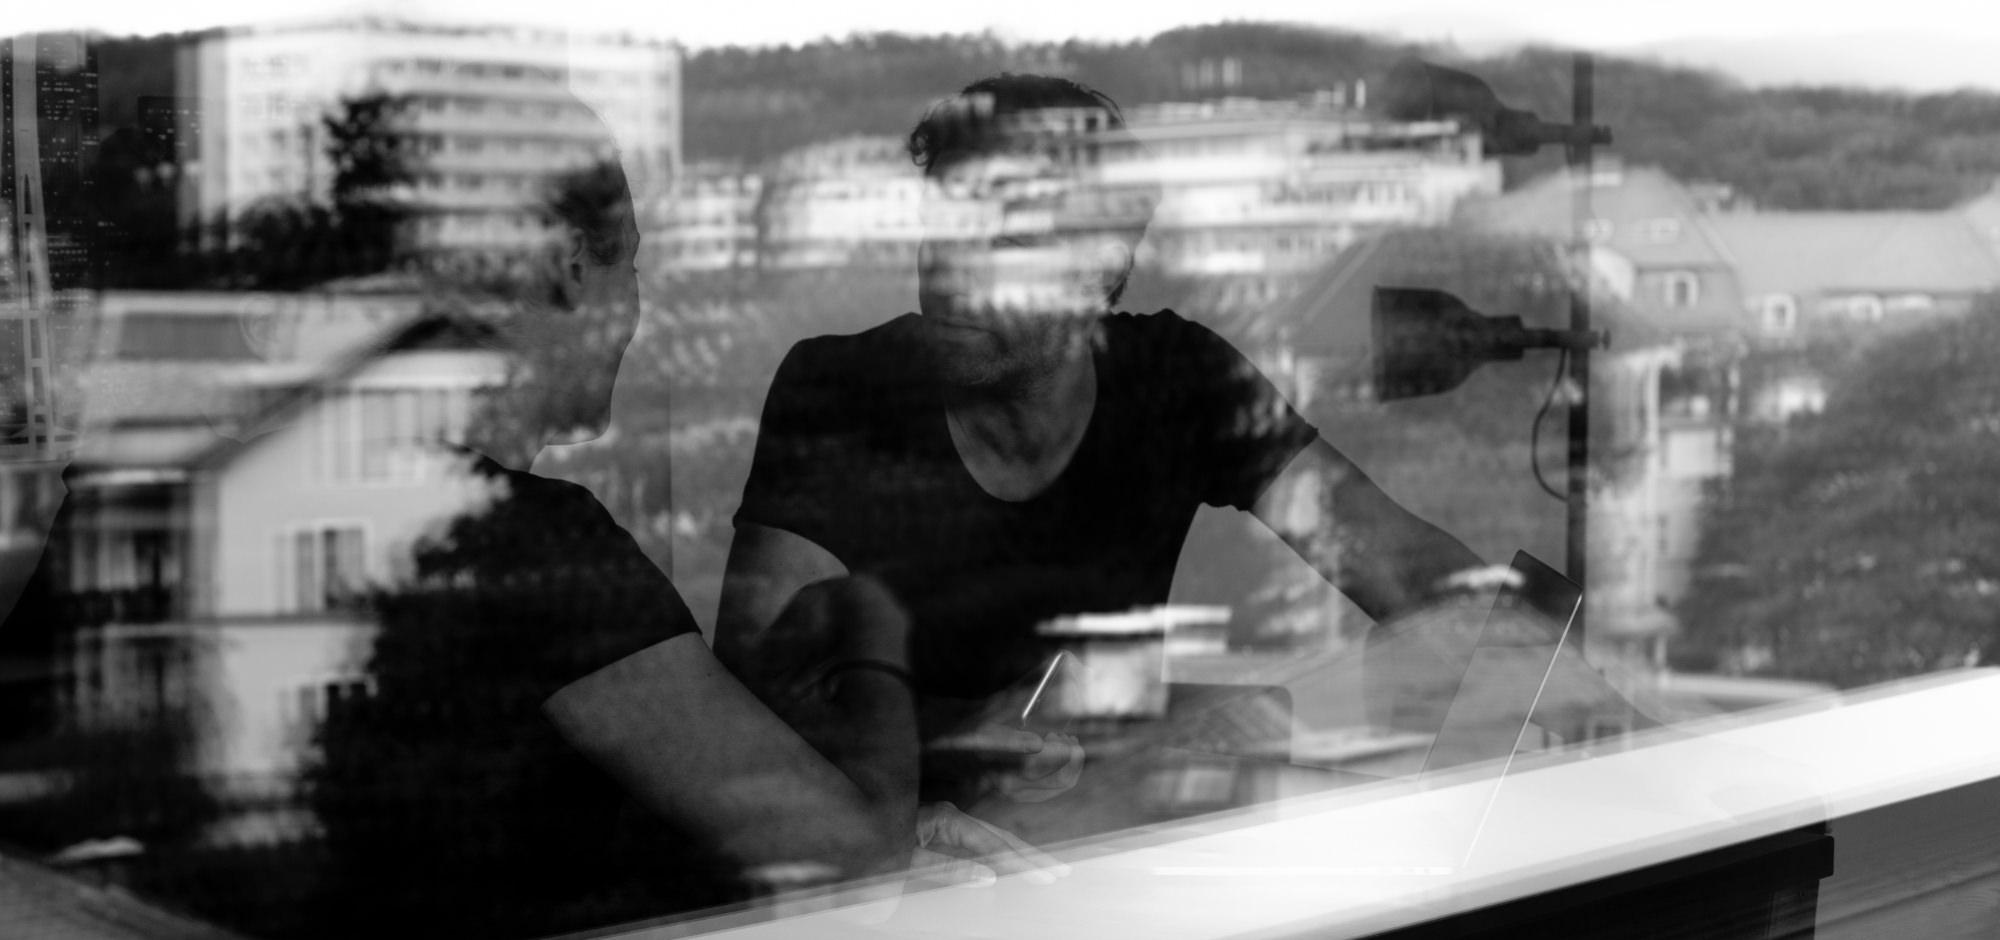 Conversory Mitarbeiter in interner Besprechung in der Agentur hinter Fenster am schreibtisch